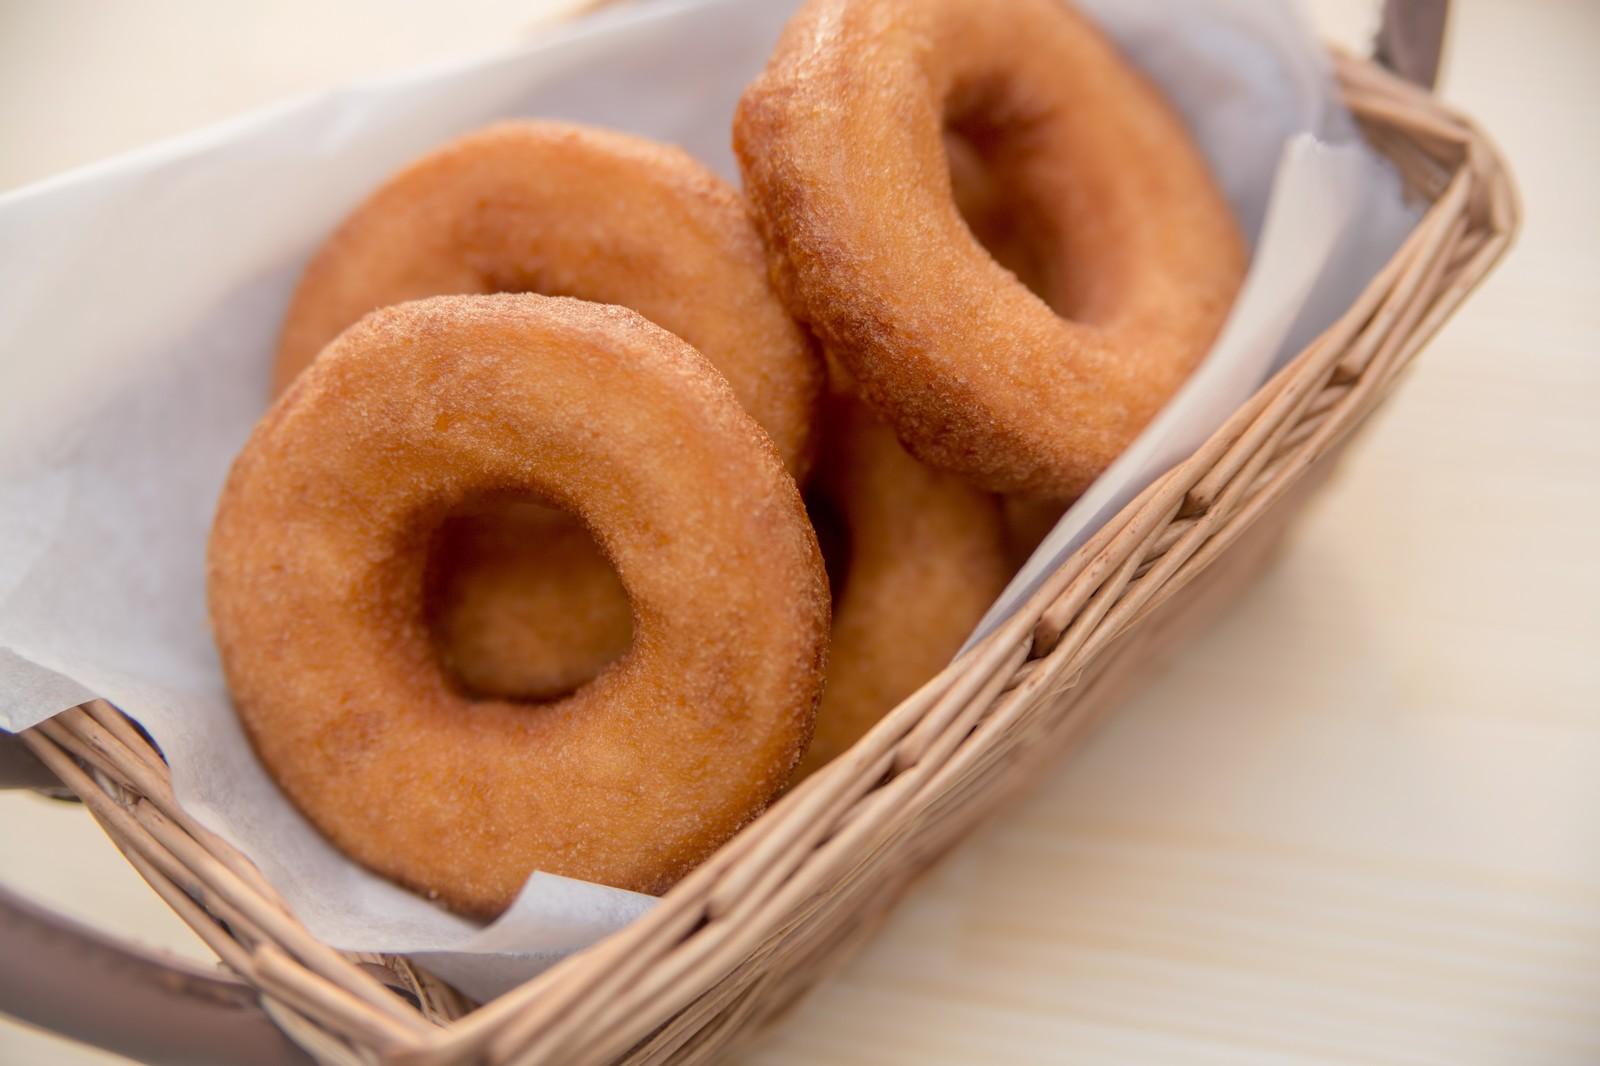 たまごドーナツという魅惑の食べ物について語る。マイベストたまごドーナツも教えるよ。